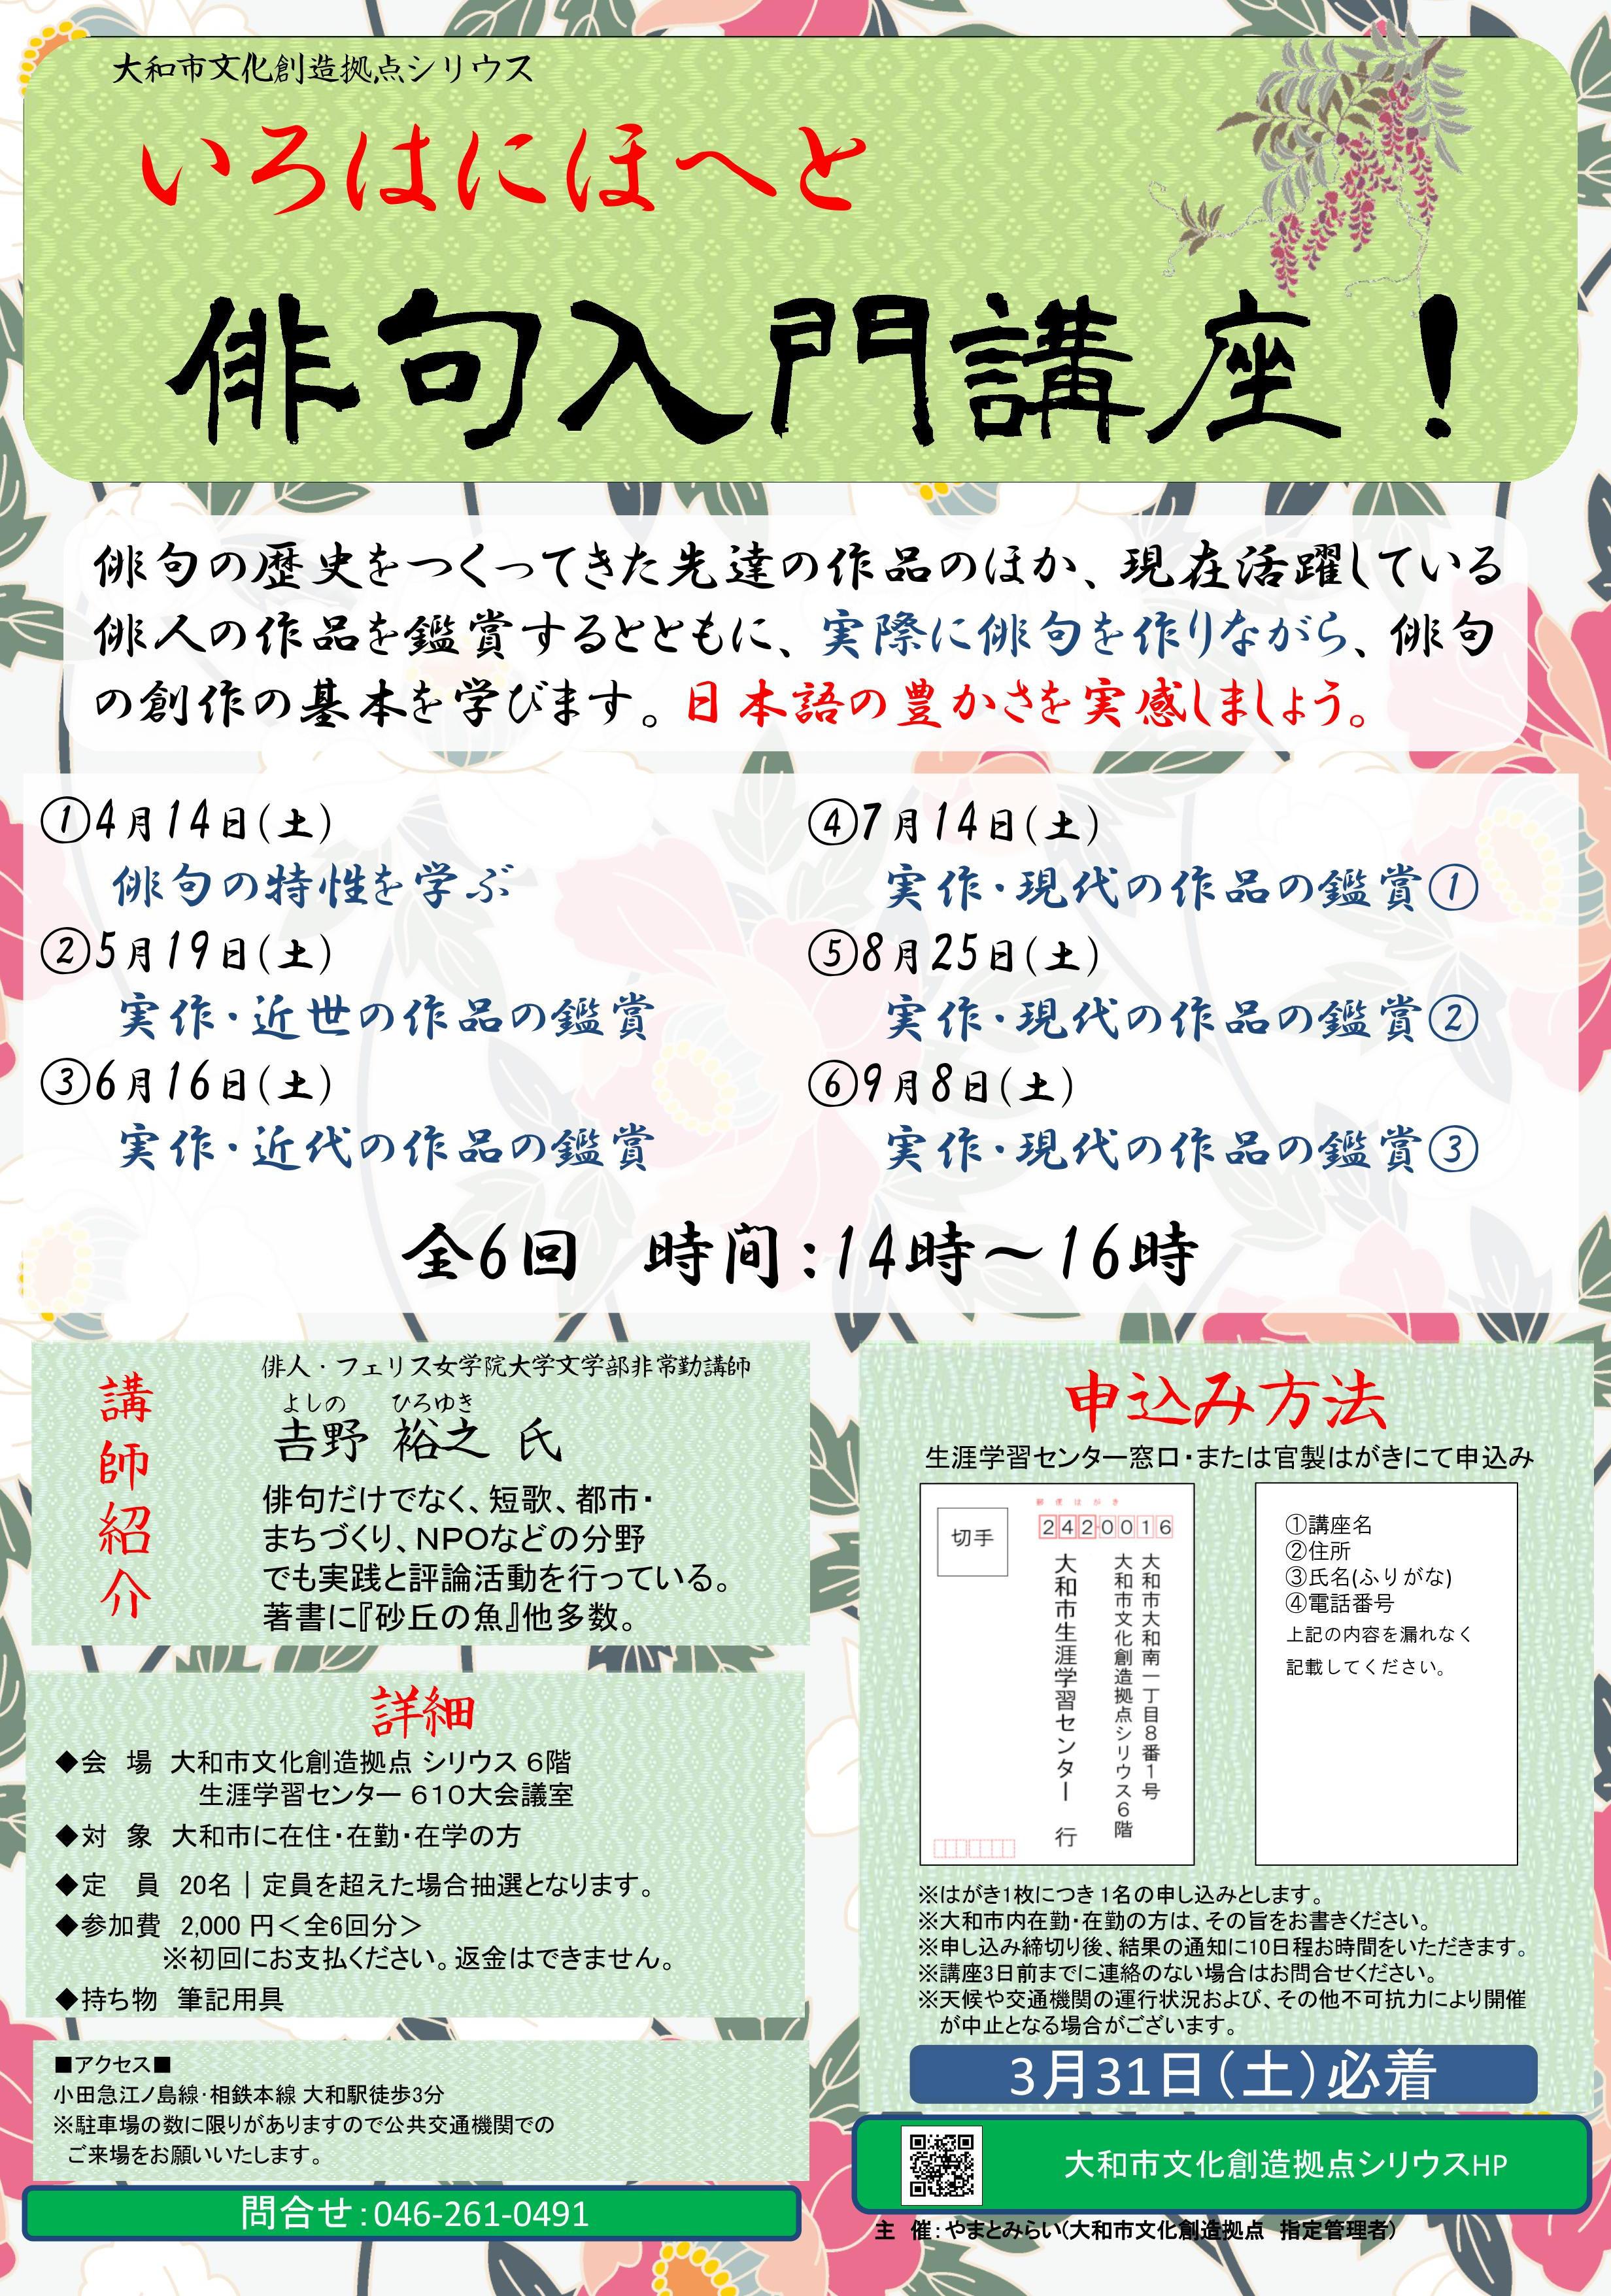 《募集終了》いろはにほへと-俳句入門講座!